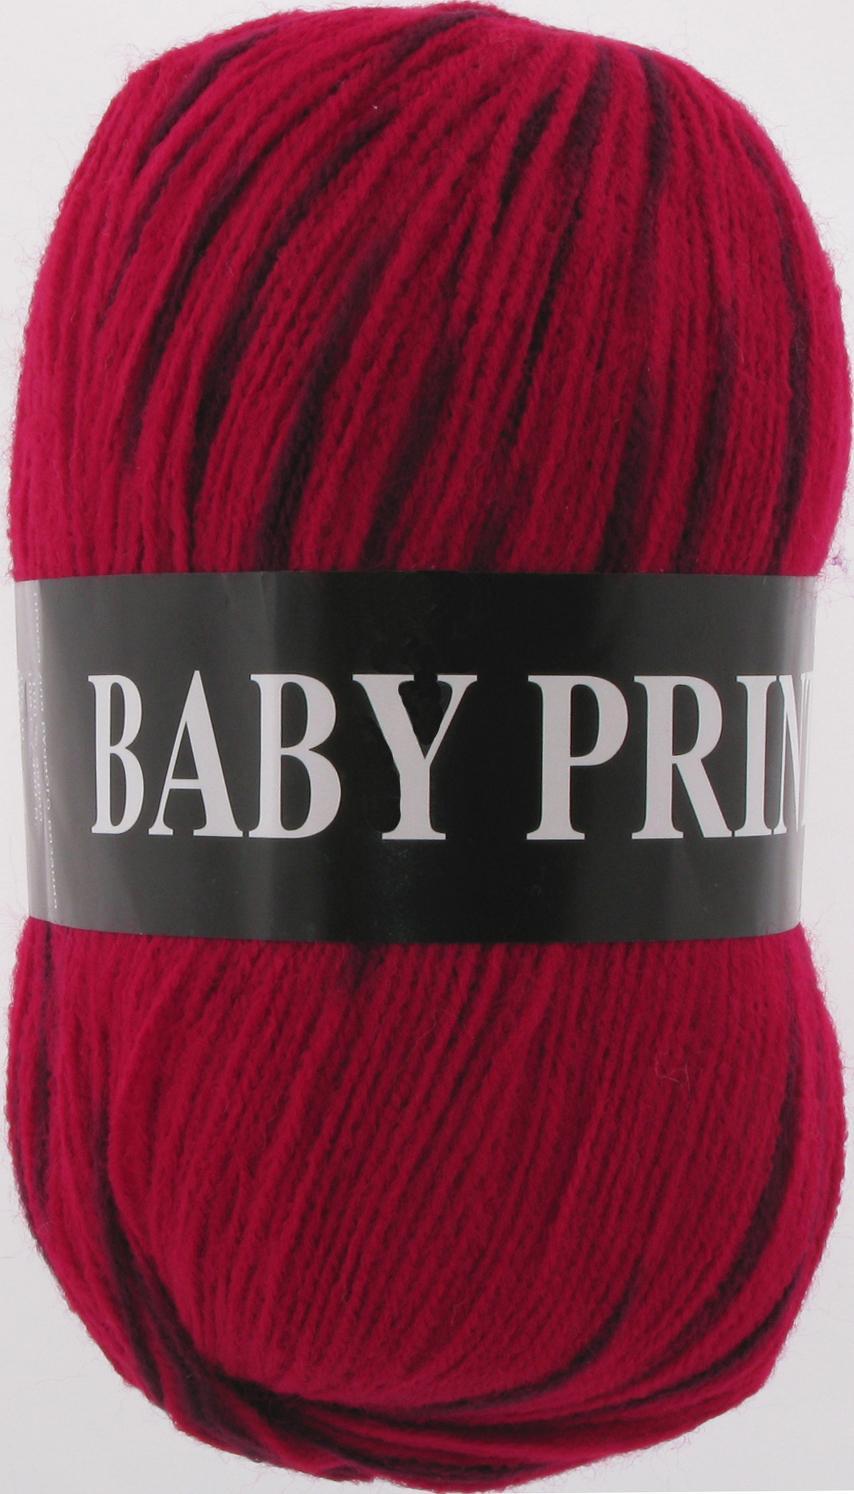 Vita Baby print 4872